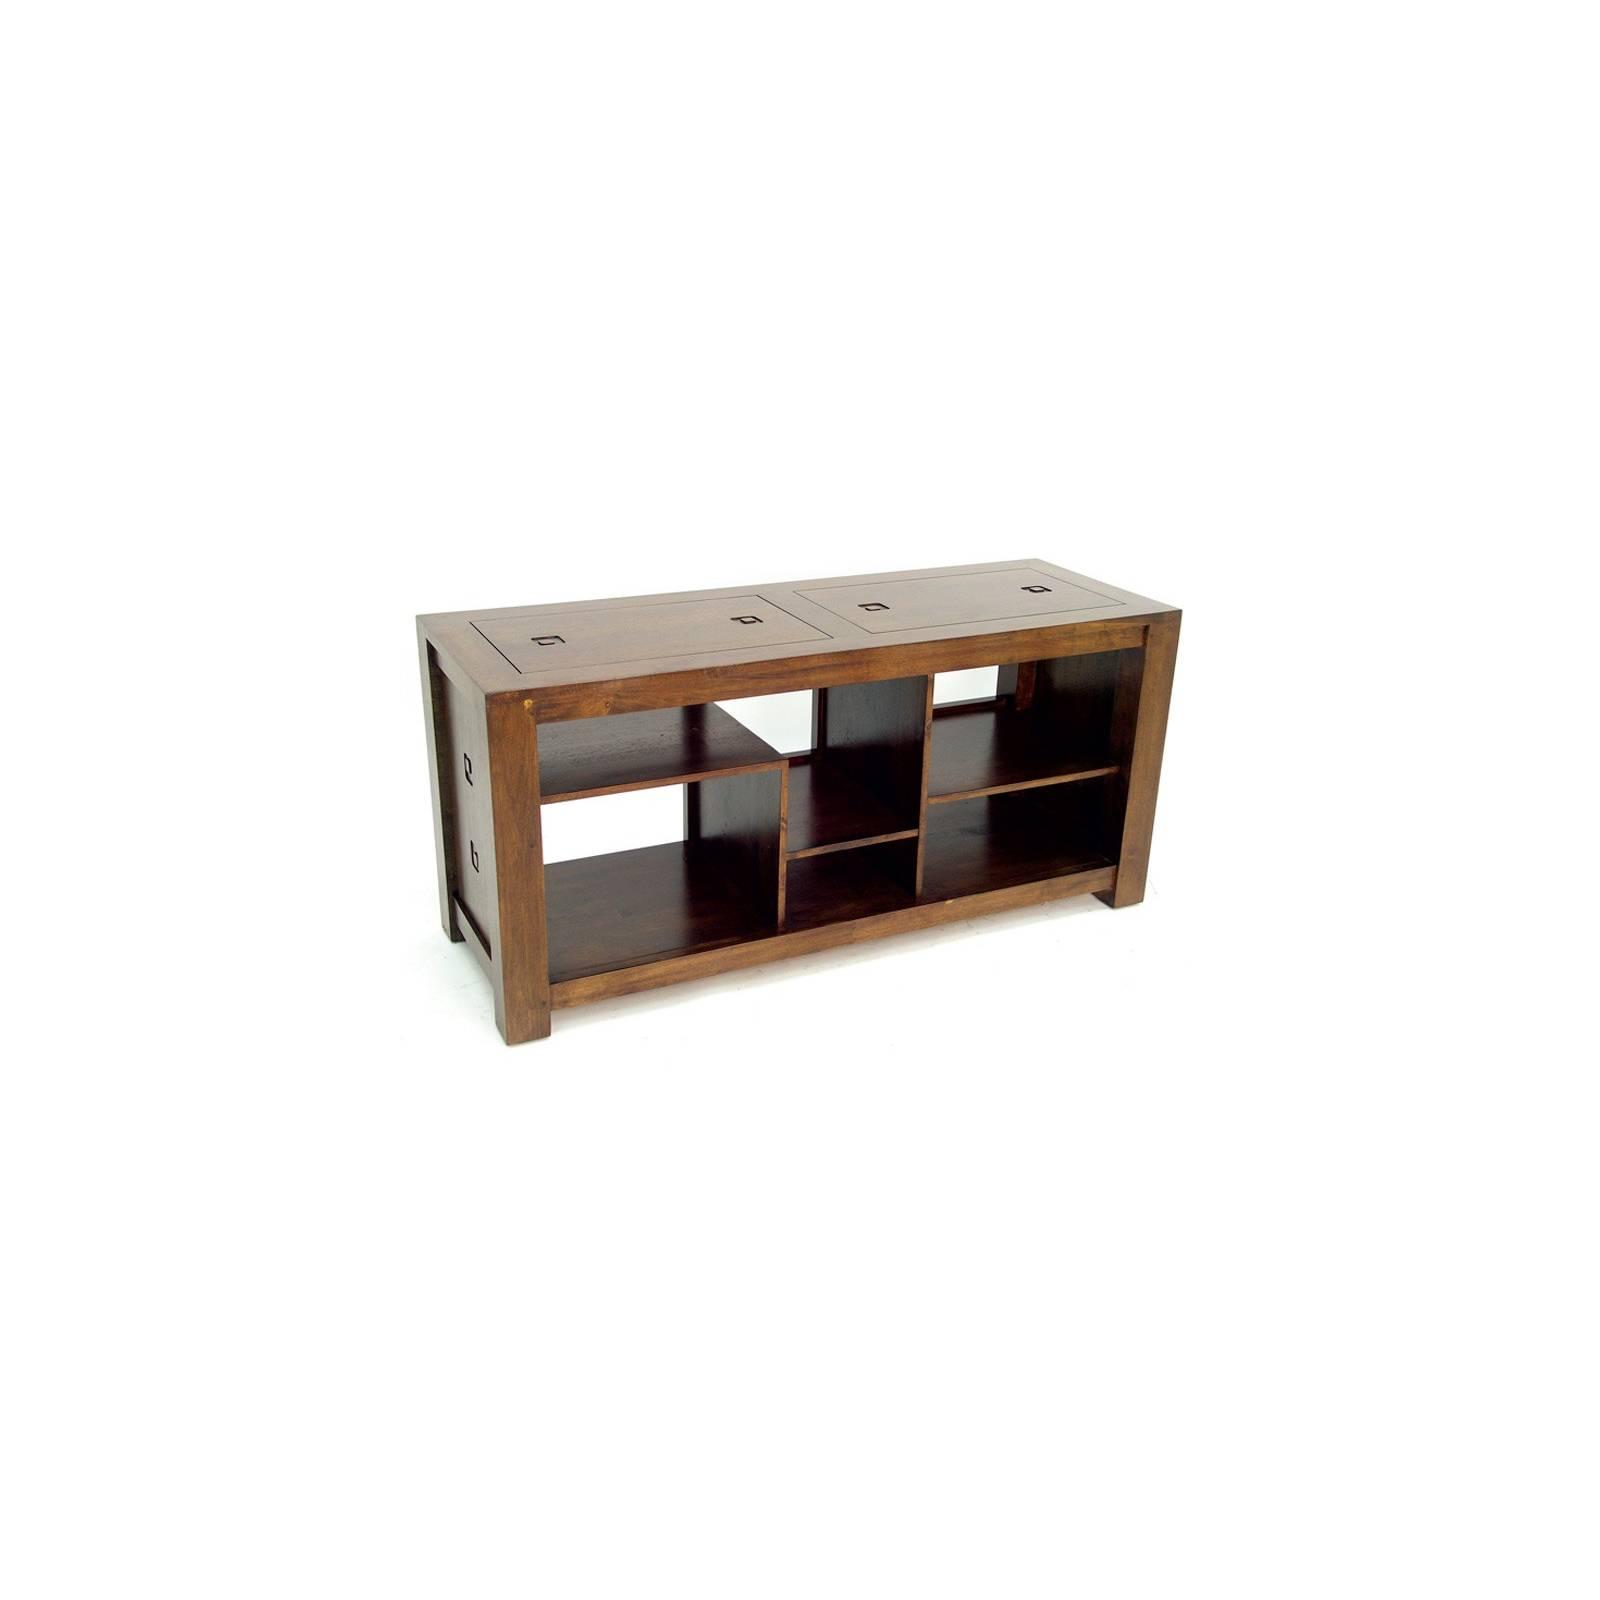 Meuble Tv Asymetrique Tanoa Hévéa - mobilier bois massif